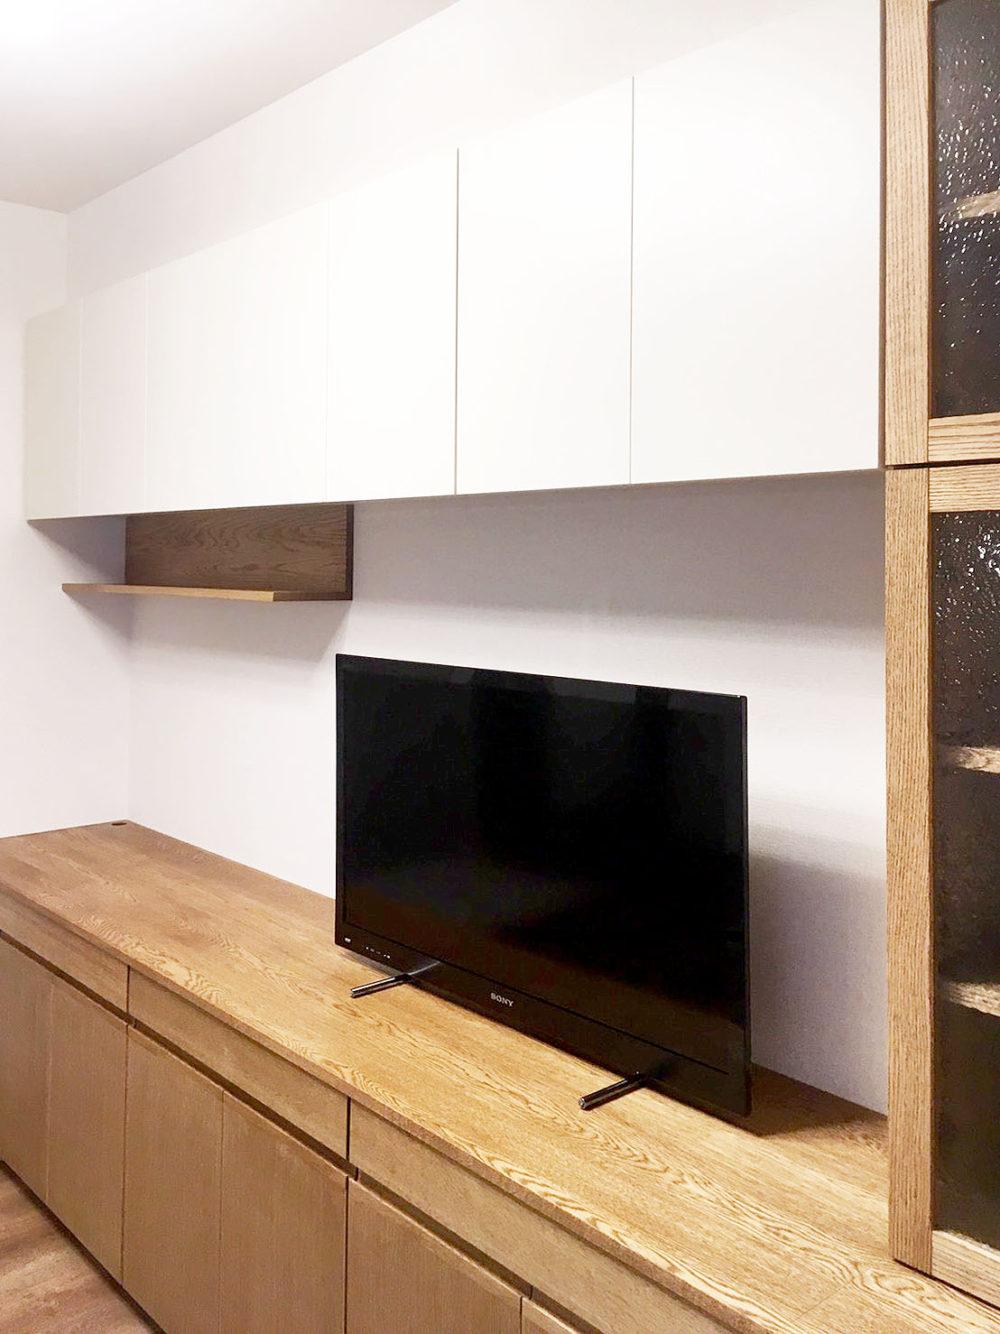 オーダー家具・リビングボード、テレビボード、吊り棚/関西・大阪・北摂